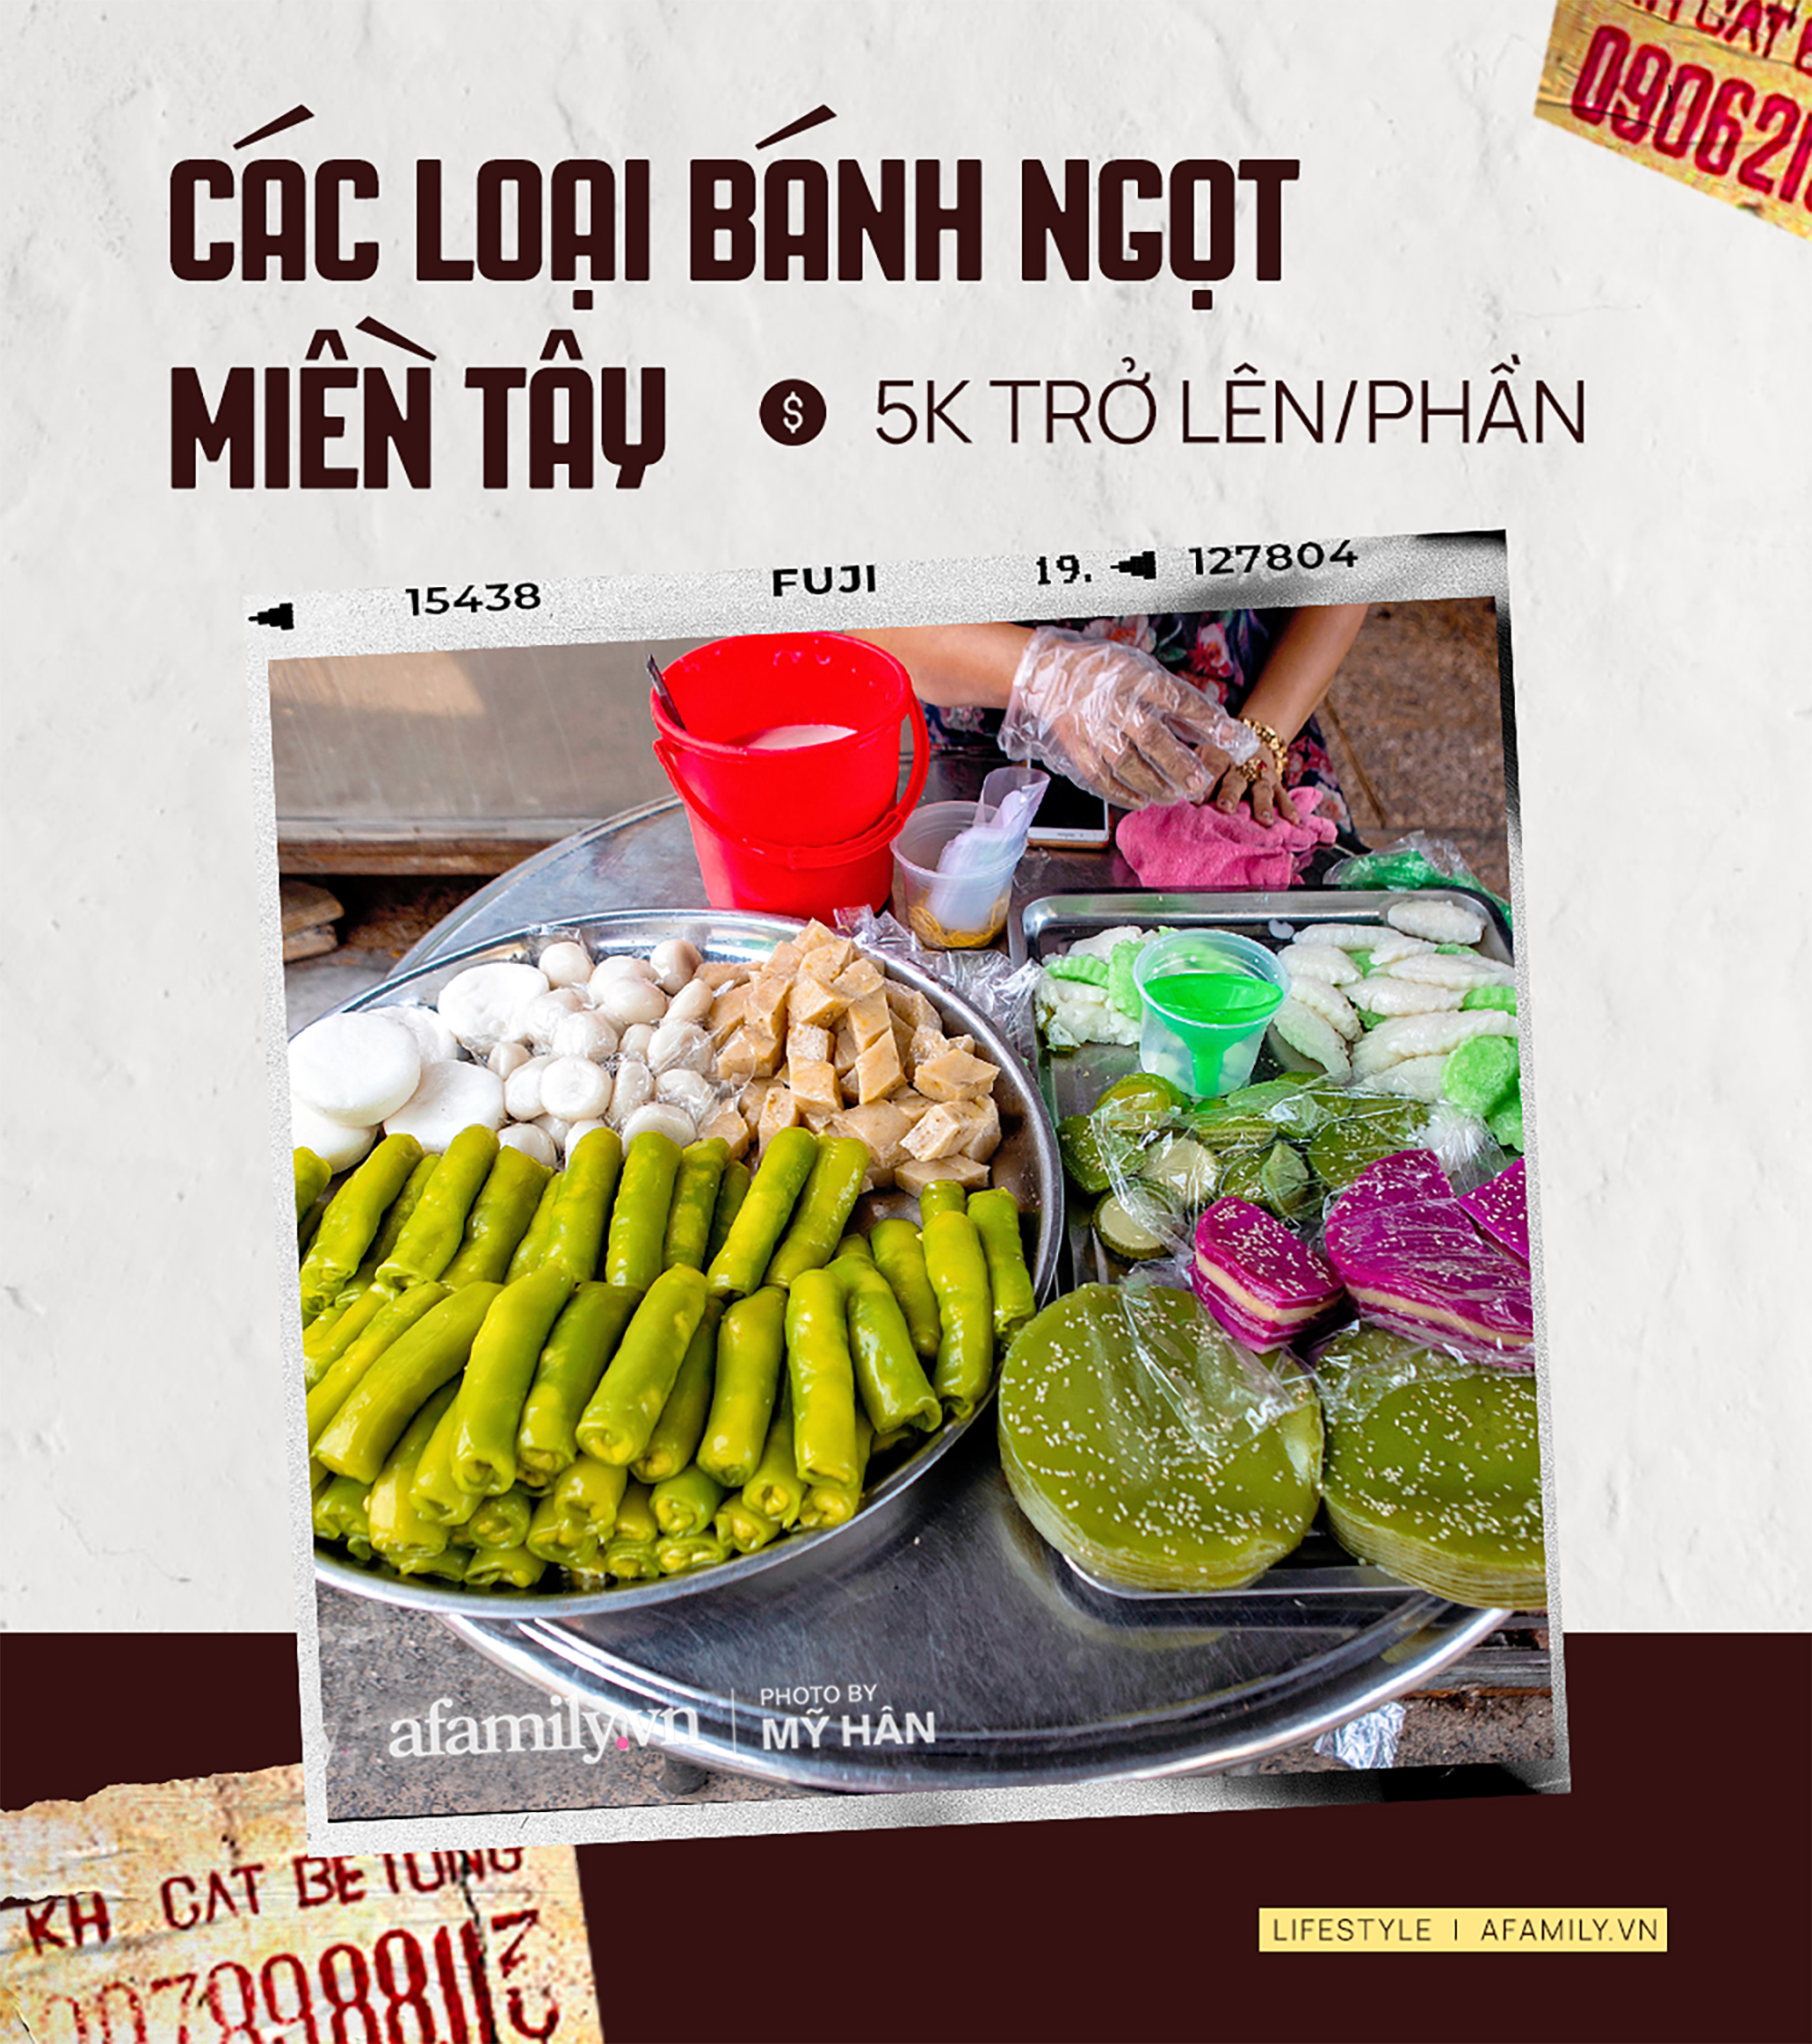 """""""Choáng"""" với bảng giá loạt món ăn tại một tỉnh ở miền Tây, nơi vừa được công bố là có mức sống thấp nhất Việt Nam! - Ảnh 11."""